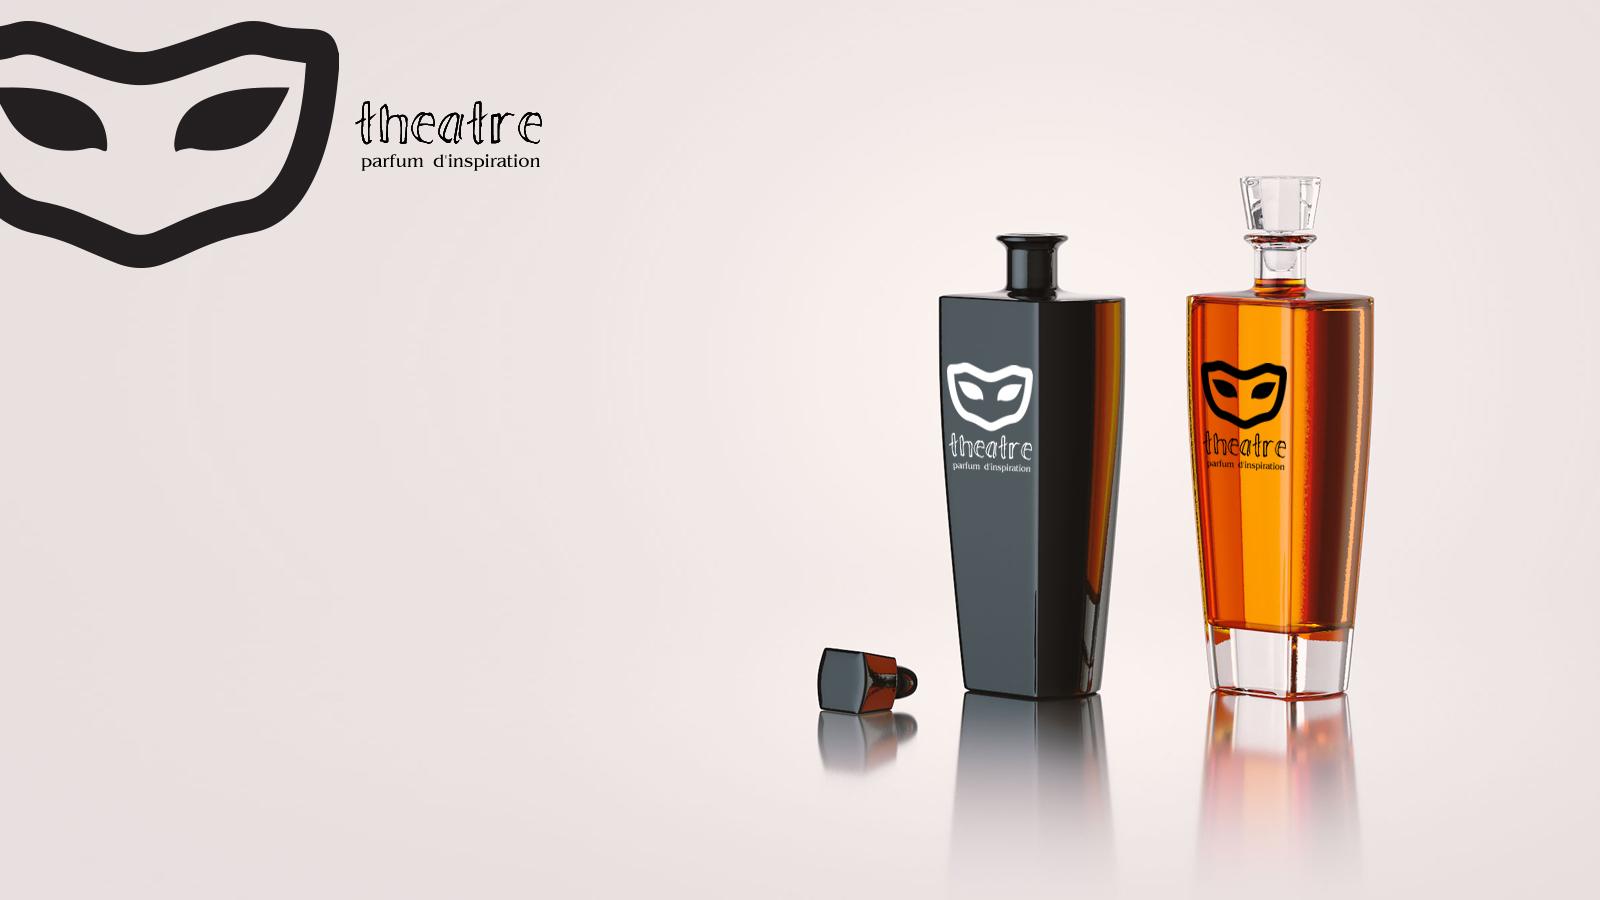 Концепт для парфюмерной продукции